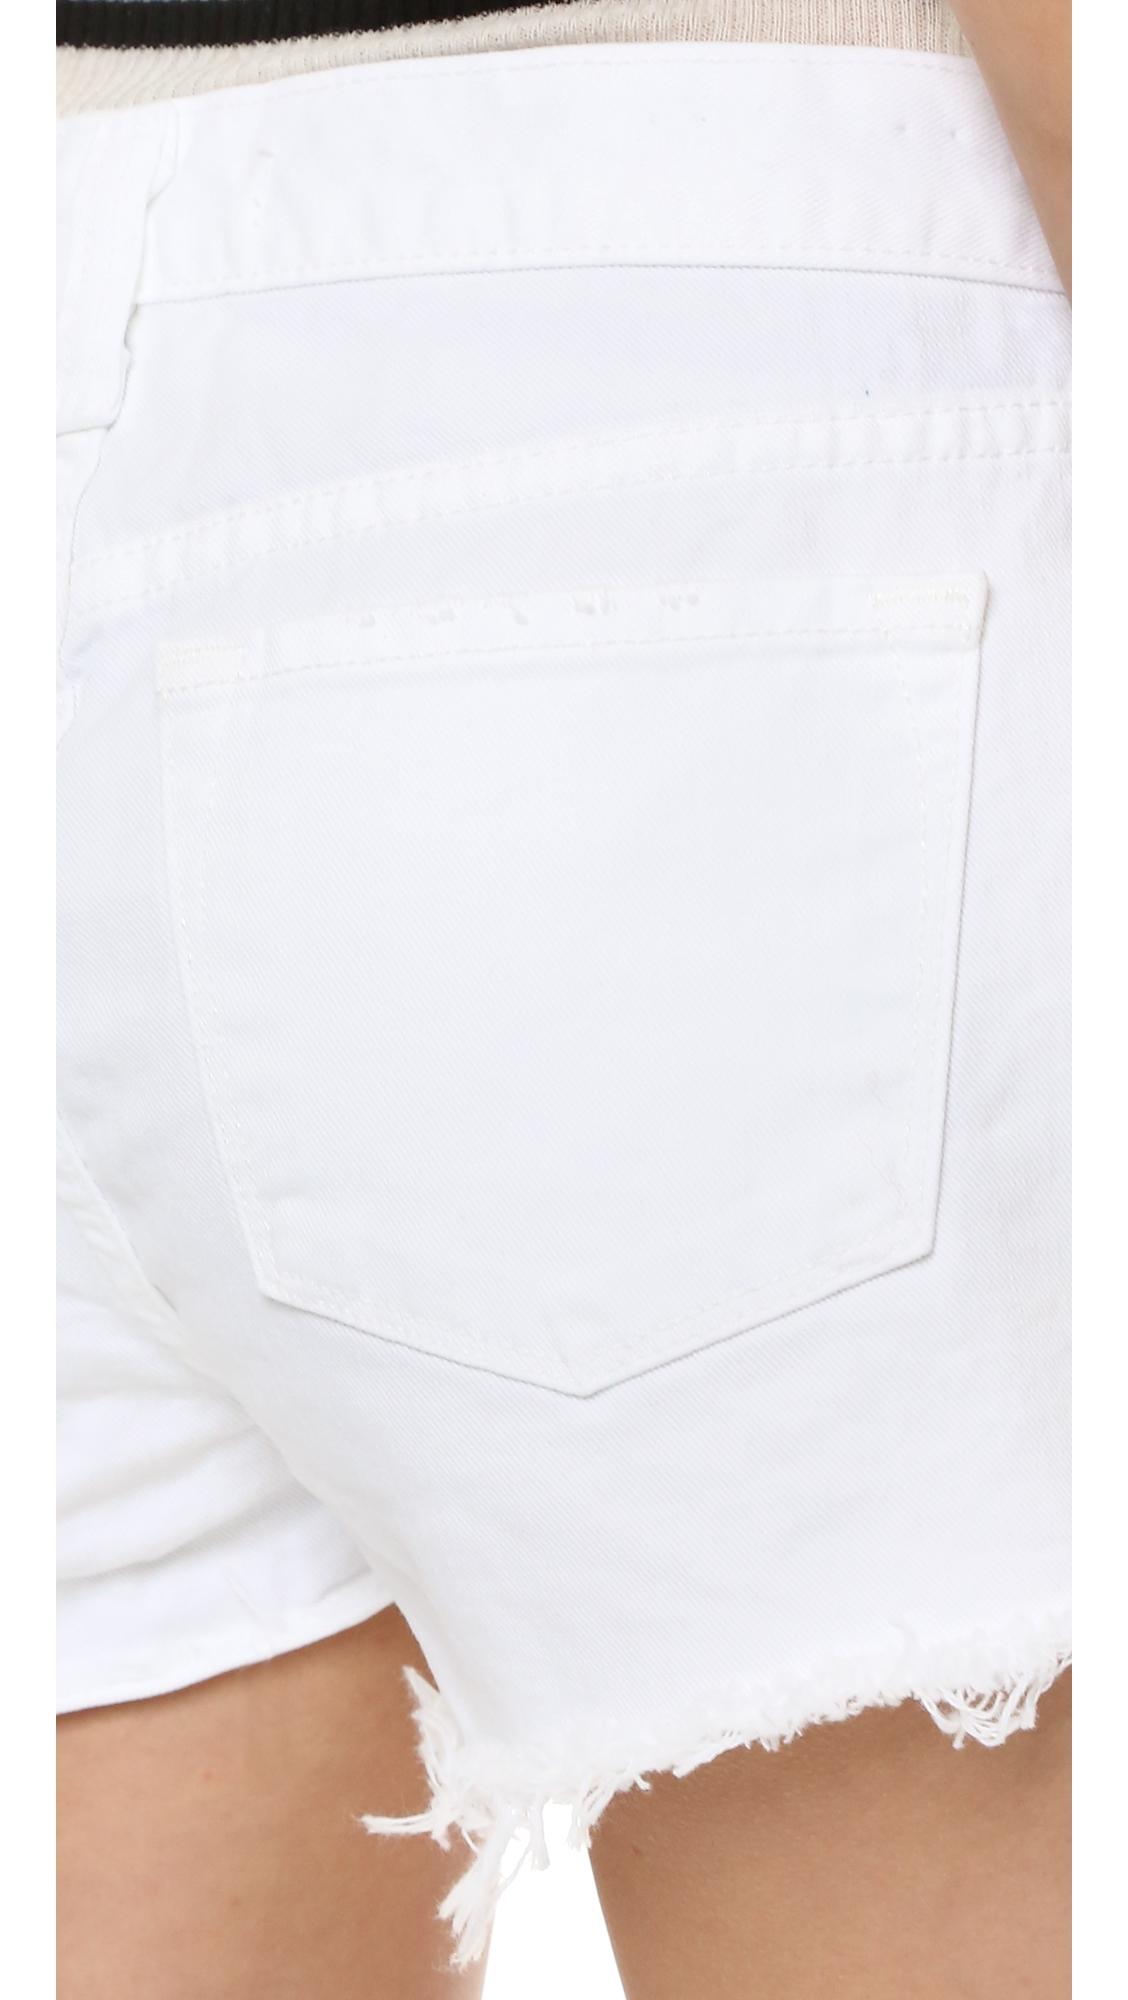 Обрезанные шорты 1046 J Brand  (JBRAN4063837780103)